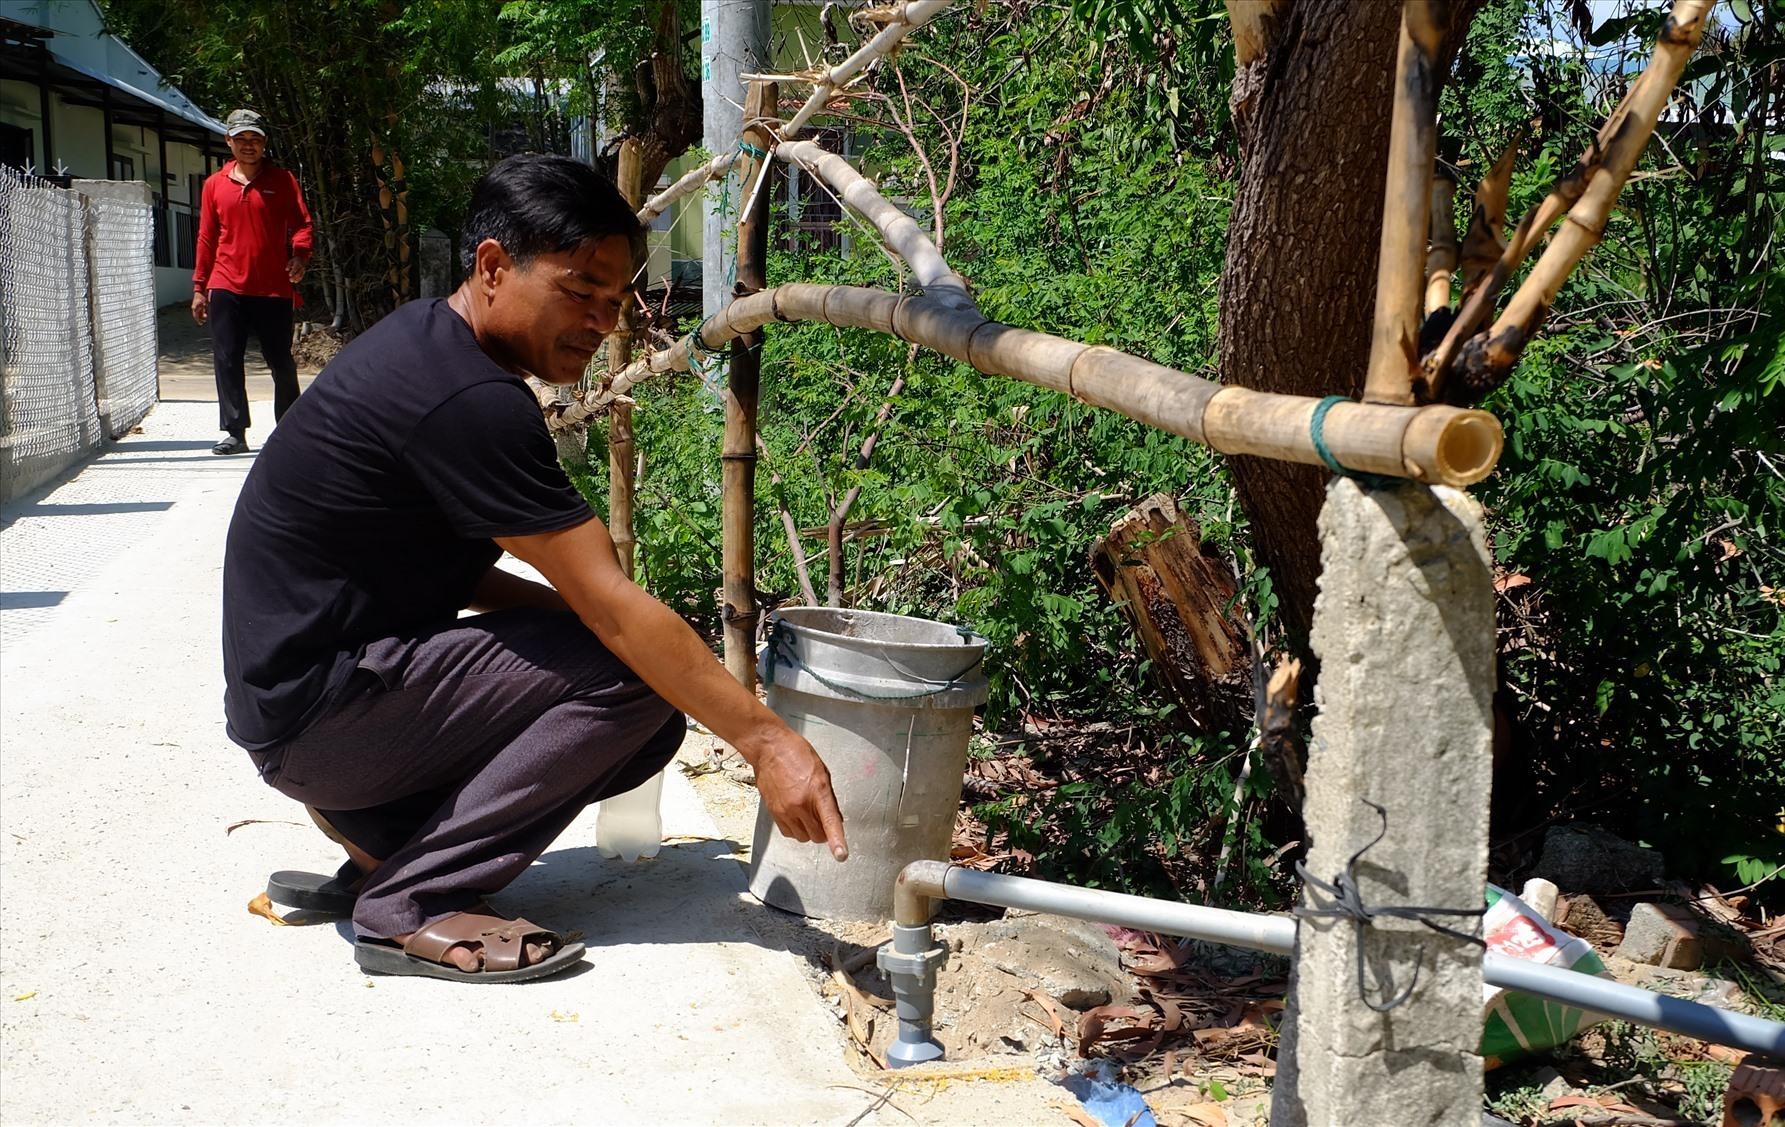 Xóm của anh Trần Xuân Thủy đã phải khoan đến 7 giếng nước trên một đoạn đường ngắn, nhưng vẫn không có nước để sử dụng. Ảnh: A.B